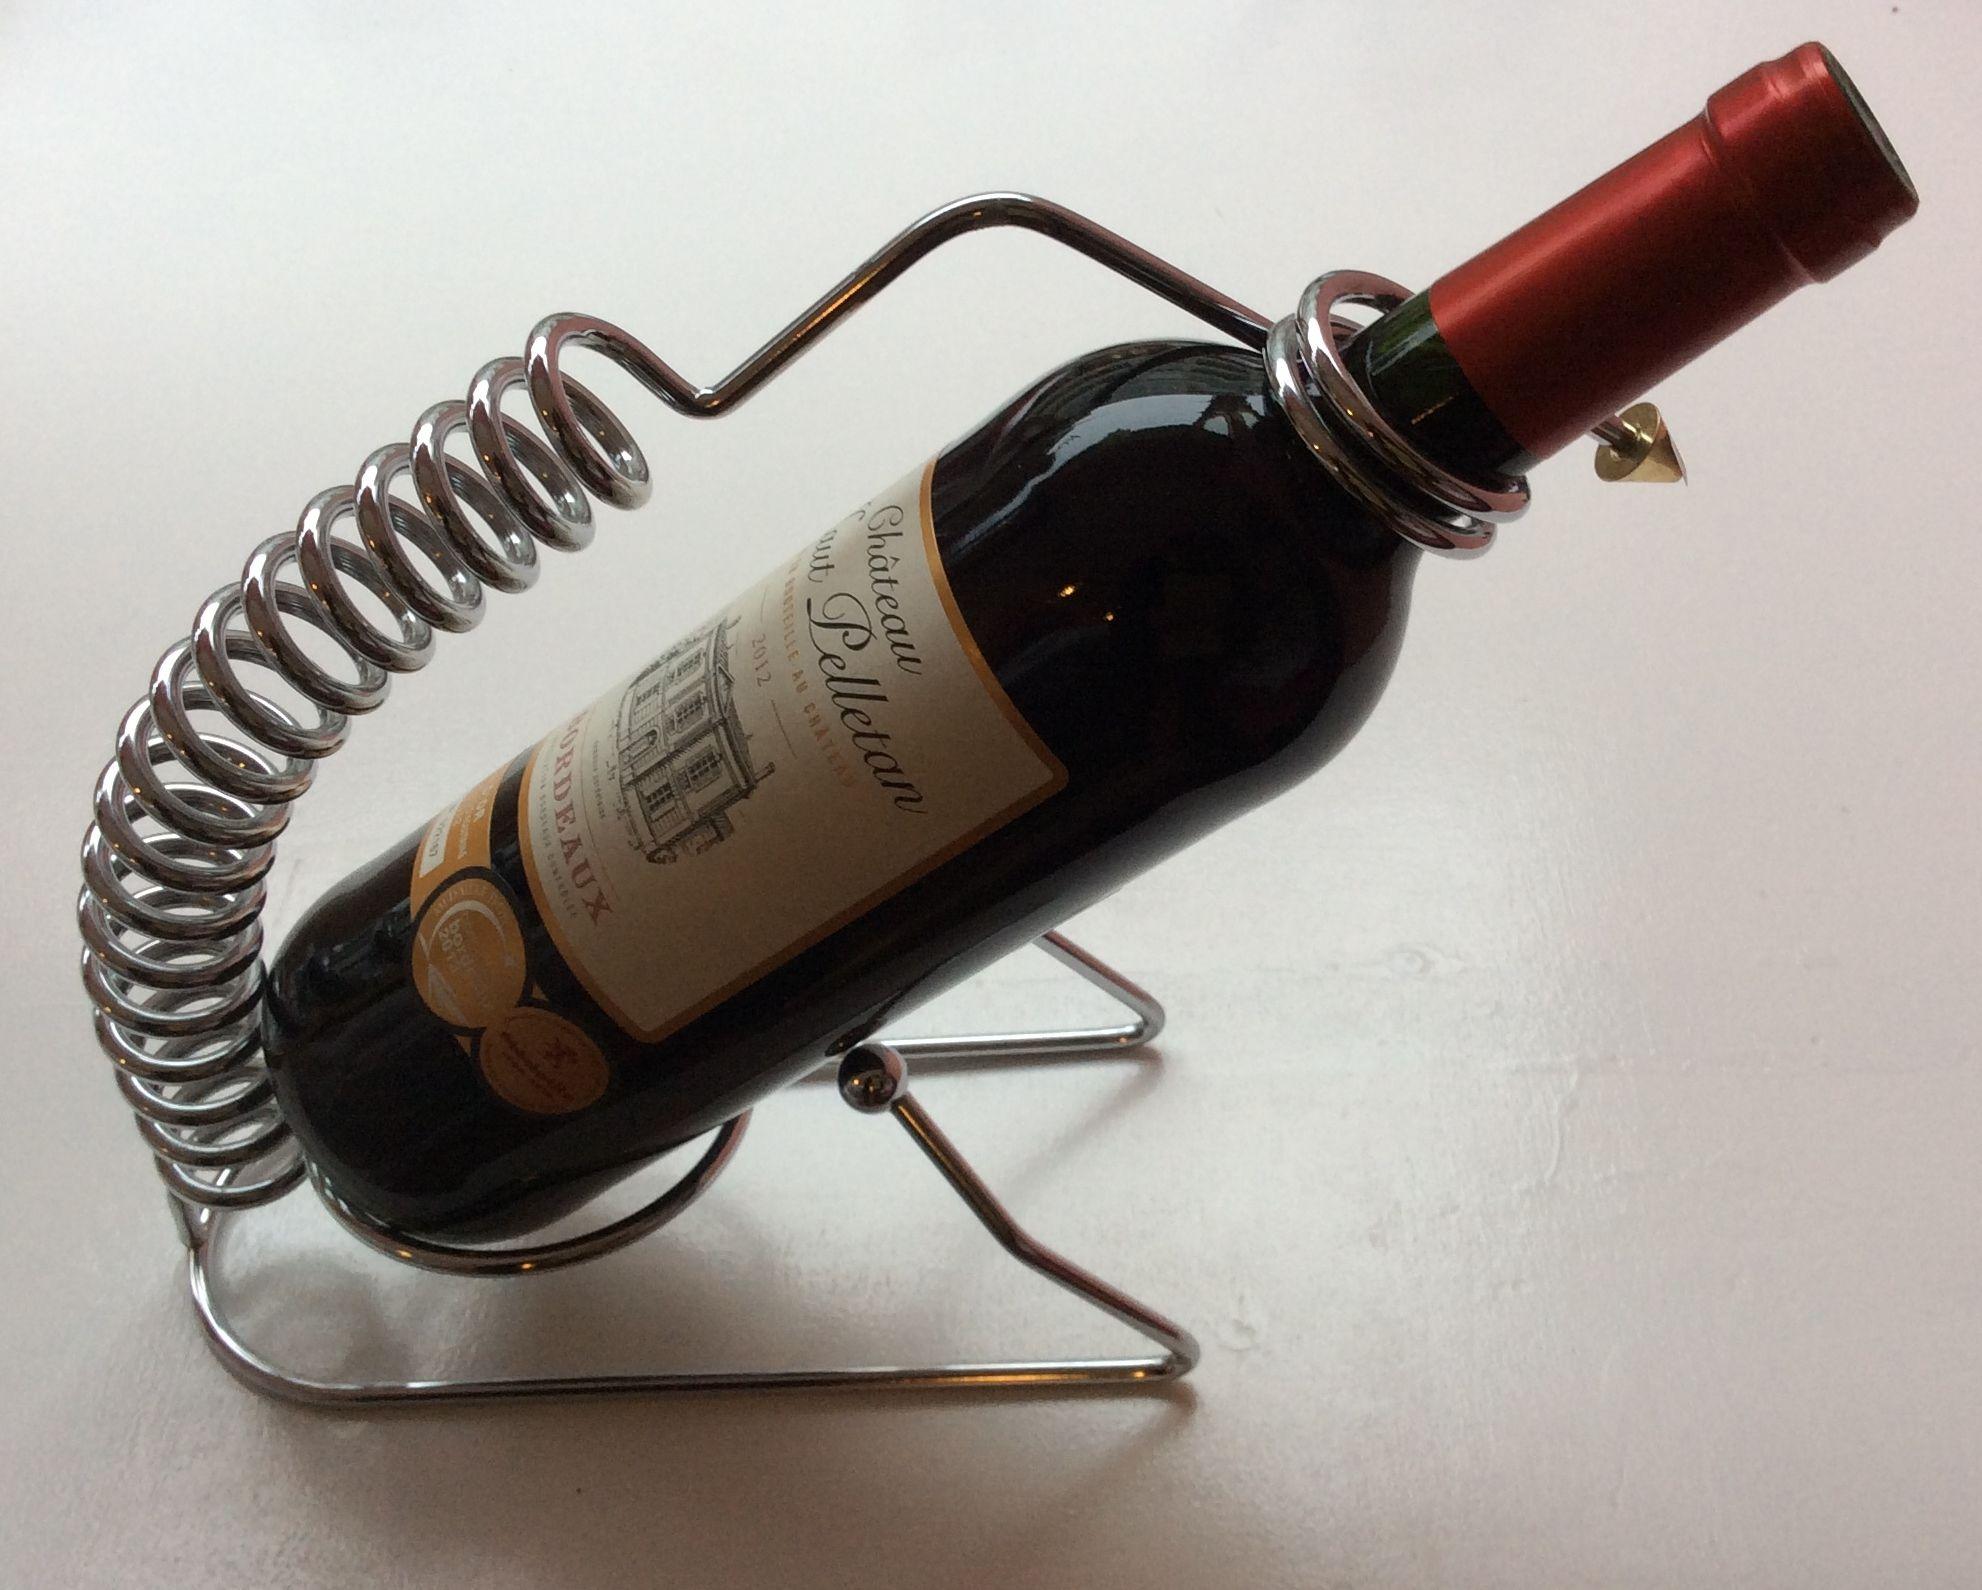 krominen viinipulloteline viinin tarjoiluun 80-luvulta MYYTY